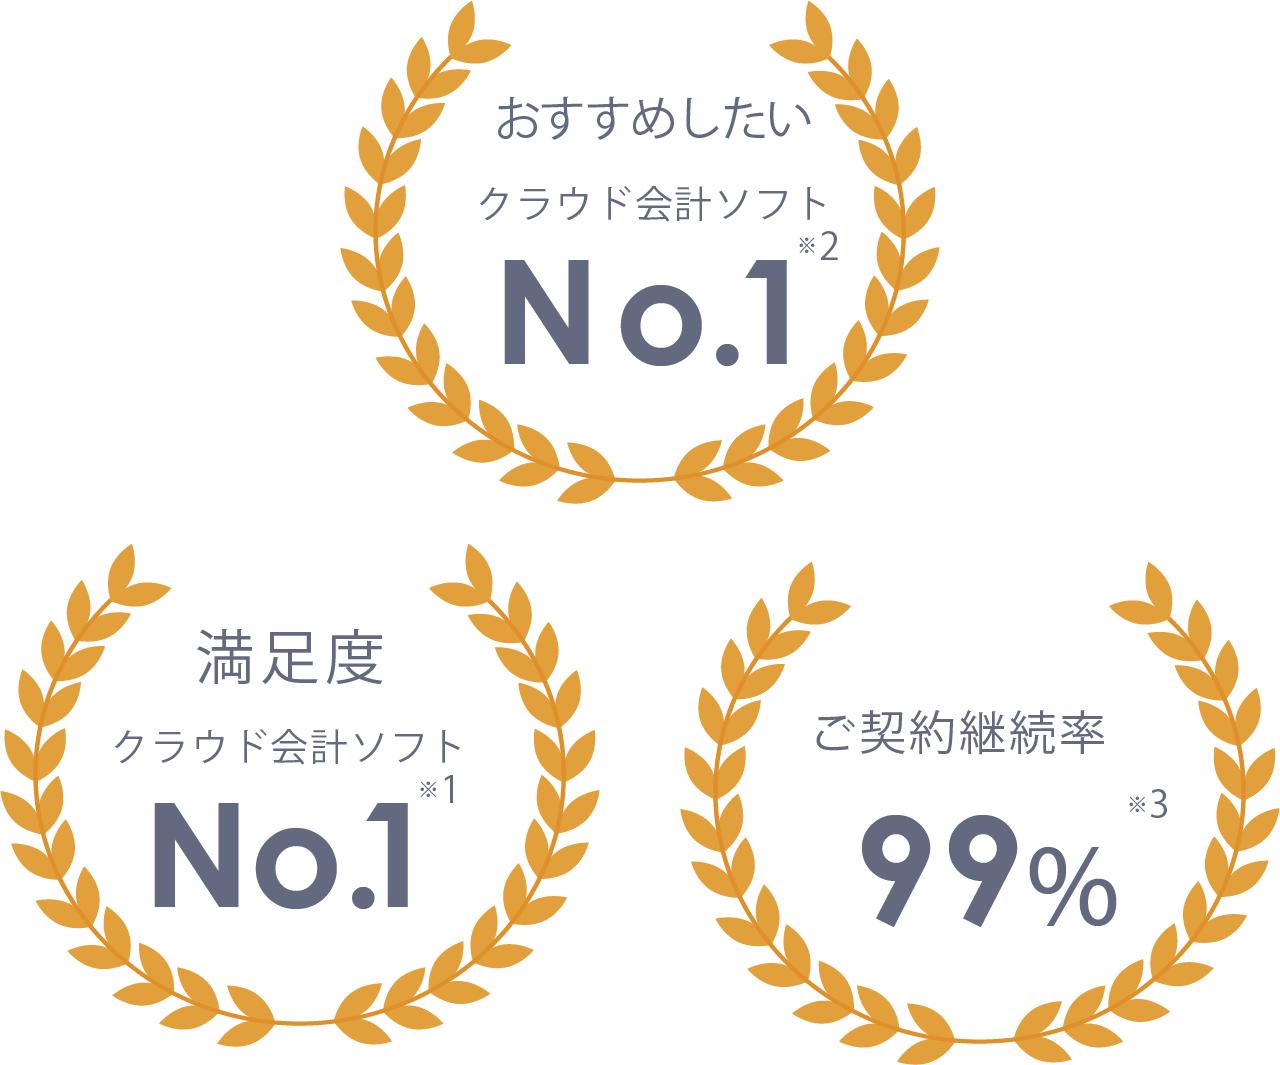 満足度クラウド会計ソフトNO1